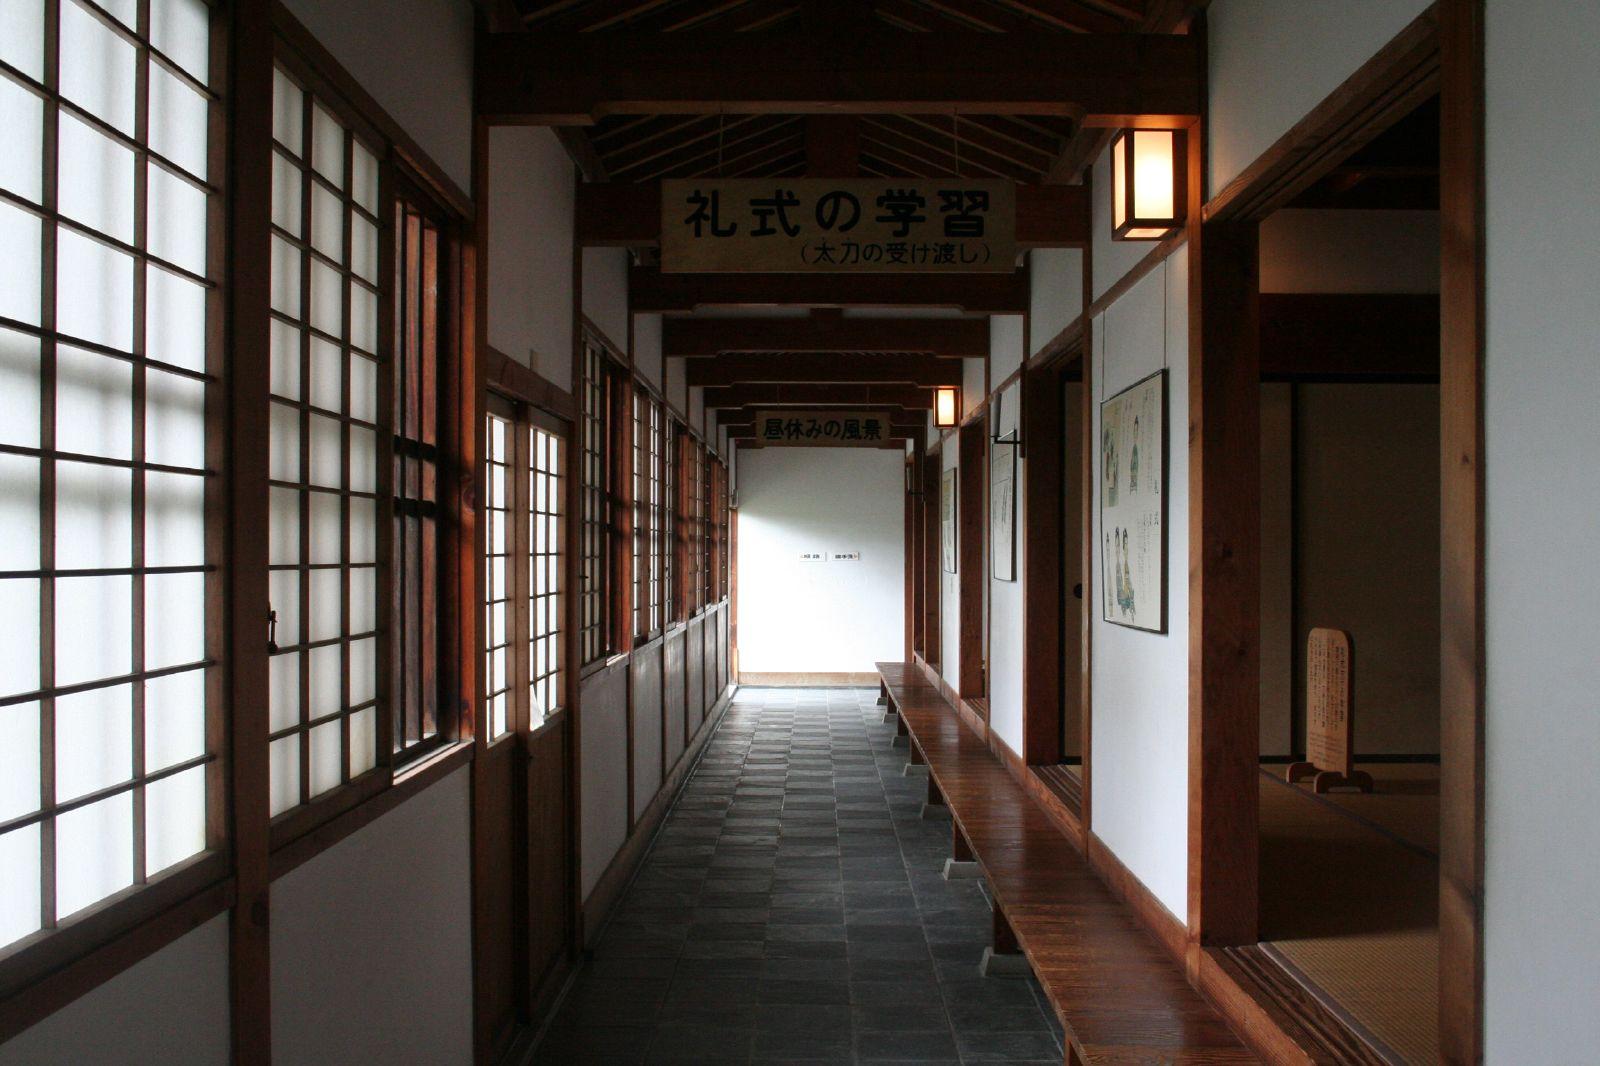 это картинки японская школа внутри чирей боковой или